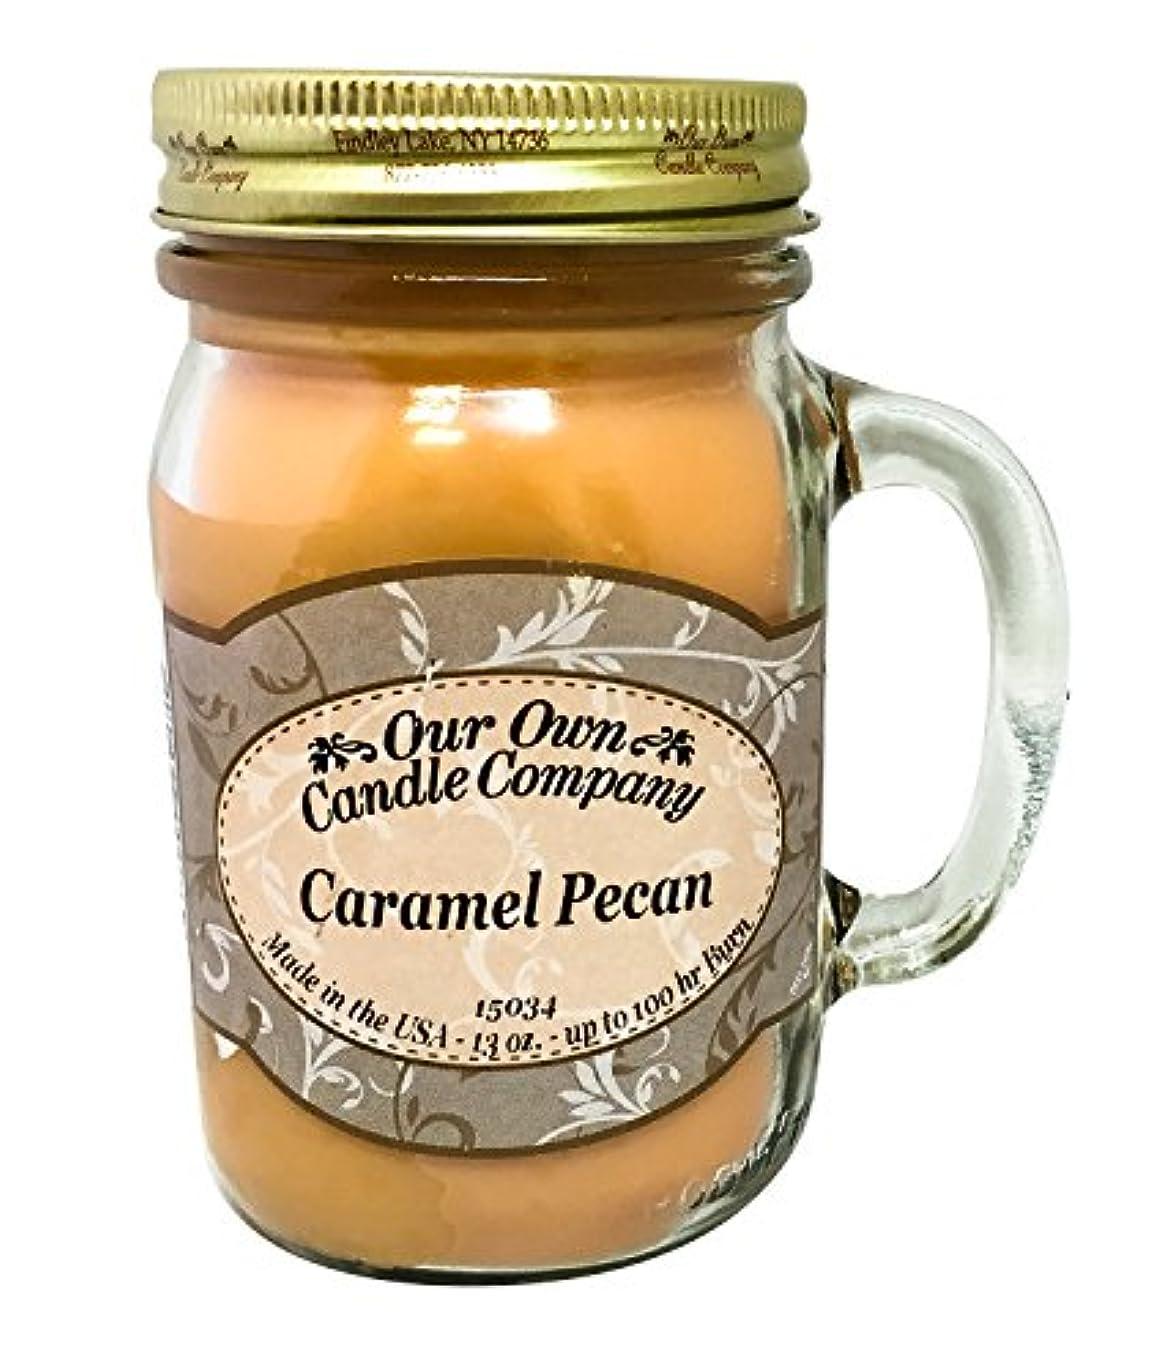 セント平和的高音アロマキャンドル メイソンジャー キャラメルピーカン ビッグ Our Own Candle Company Caramel Pecan big